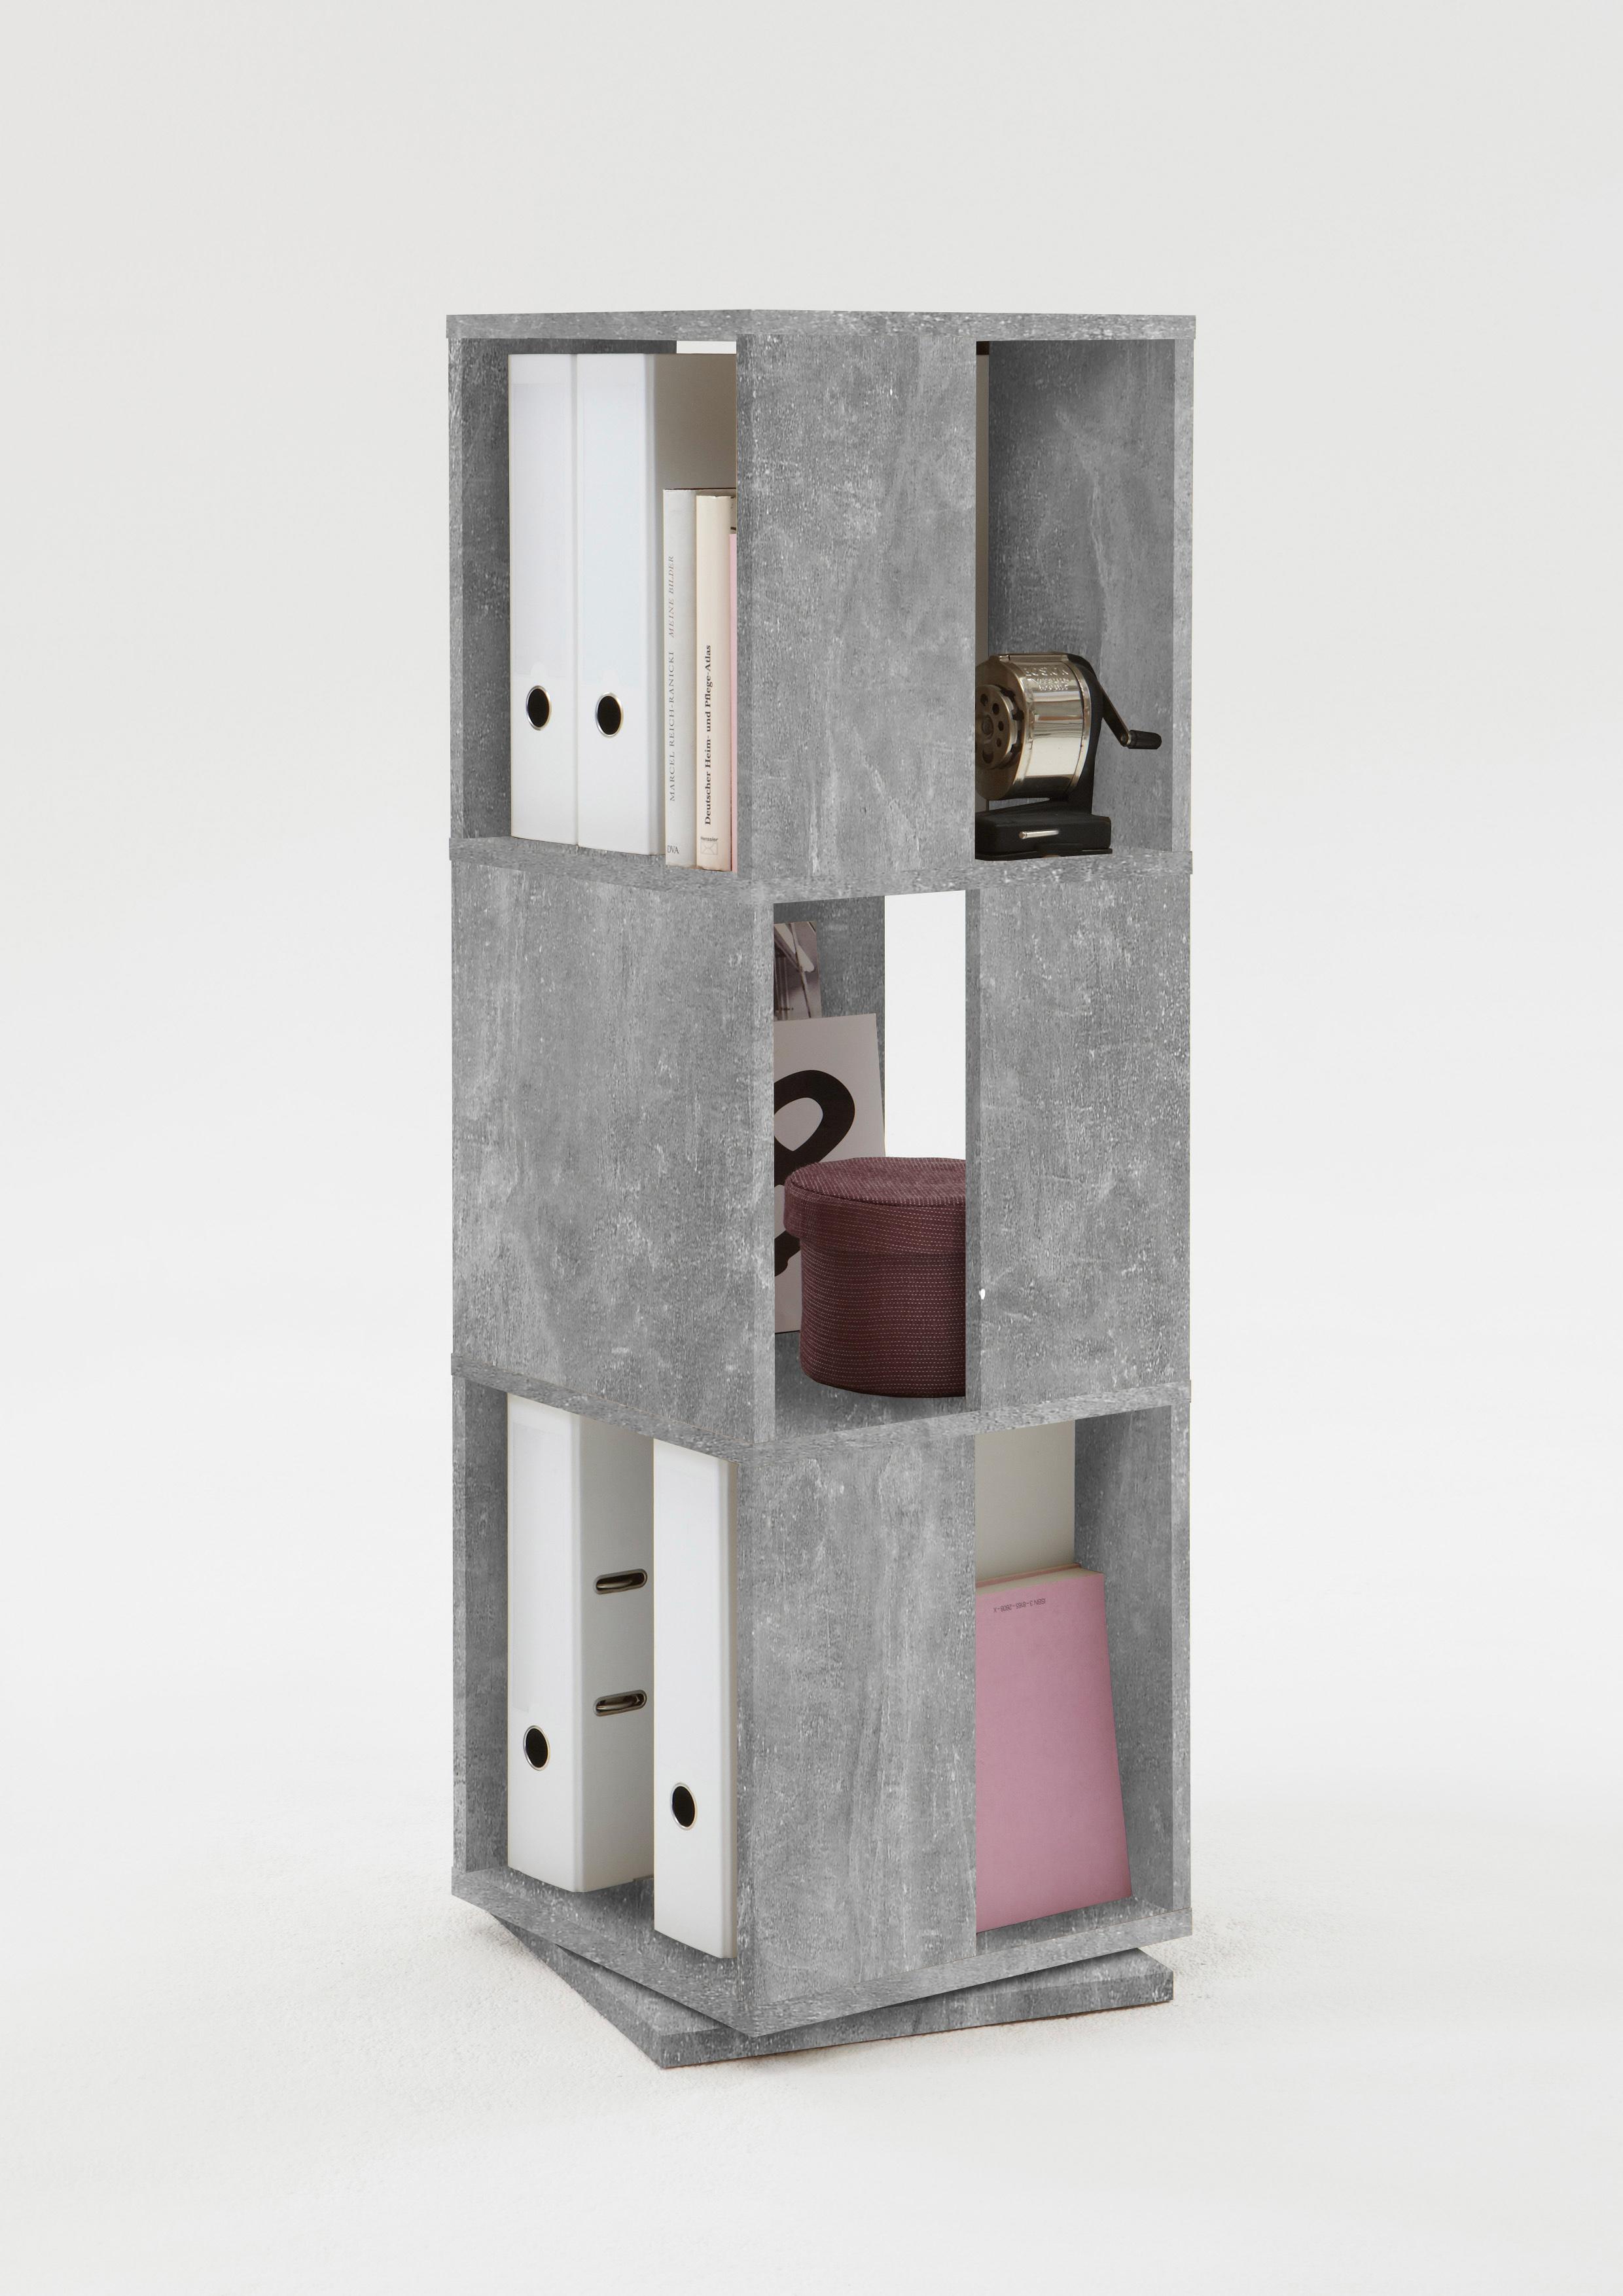 tower drehbares regal von fmd beton